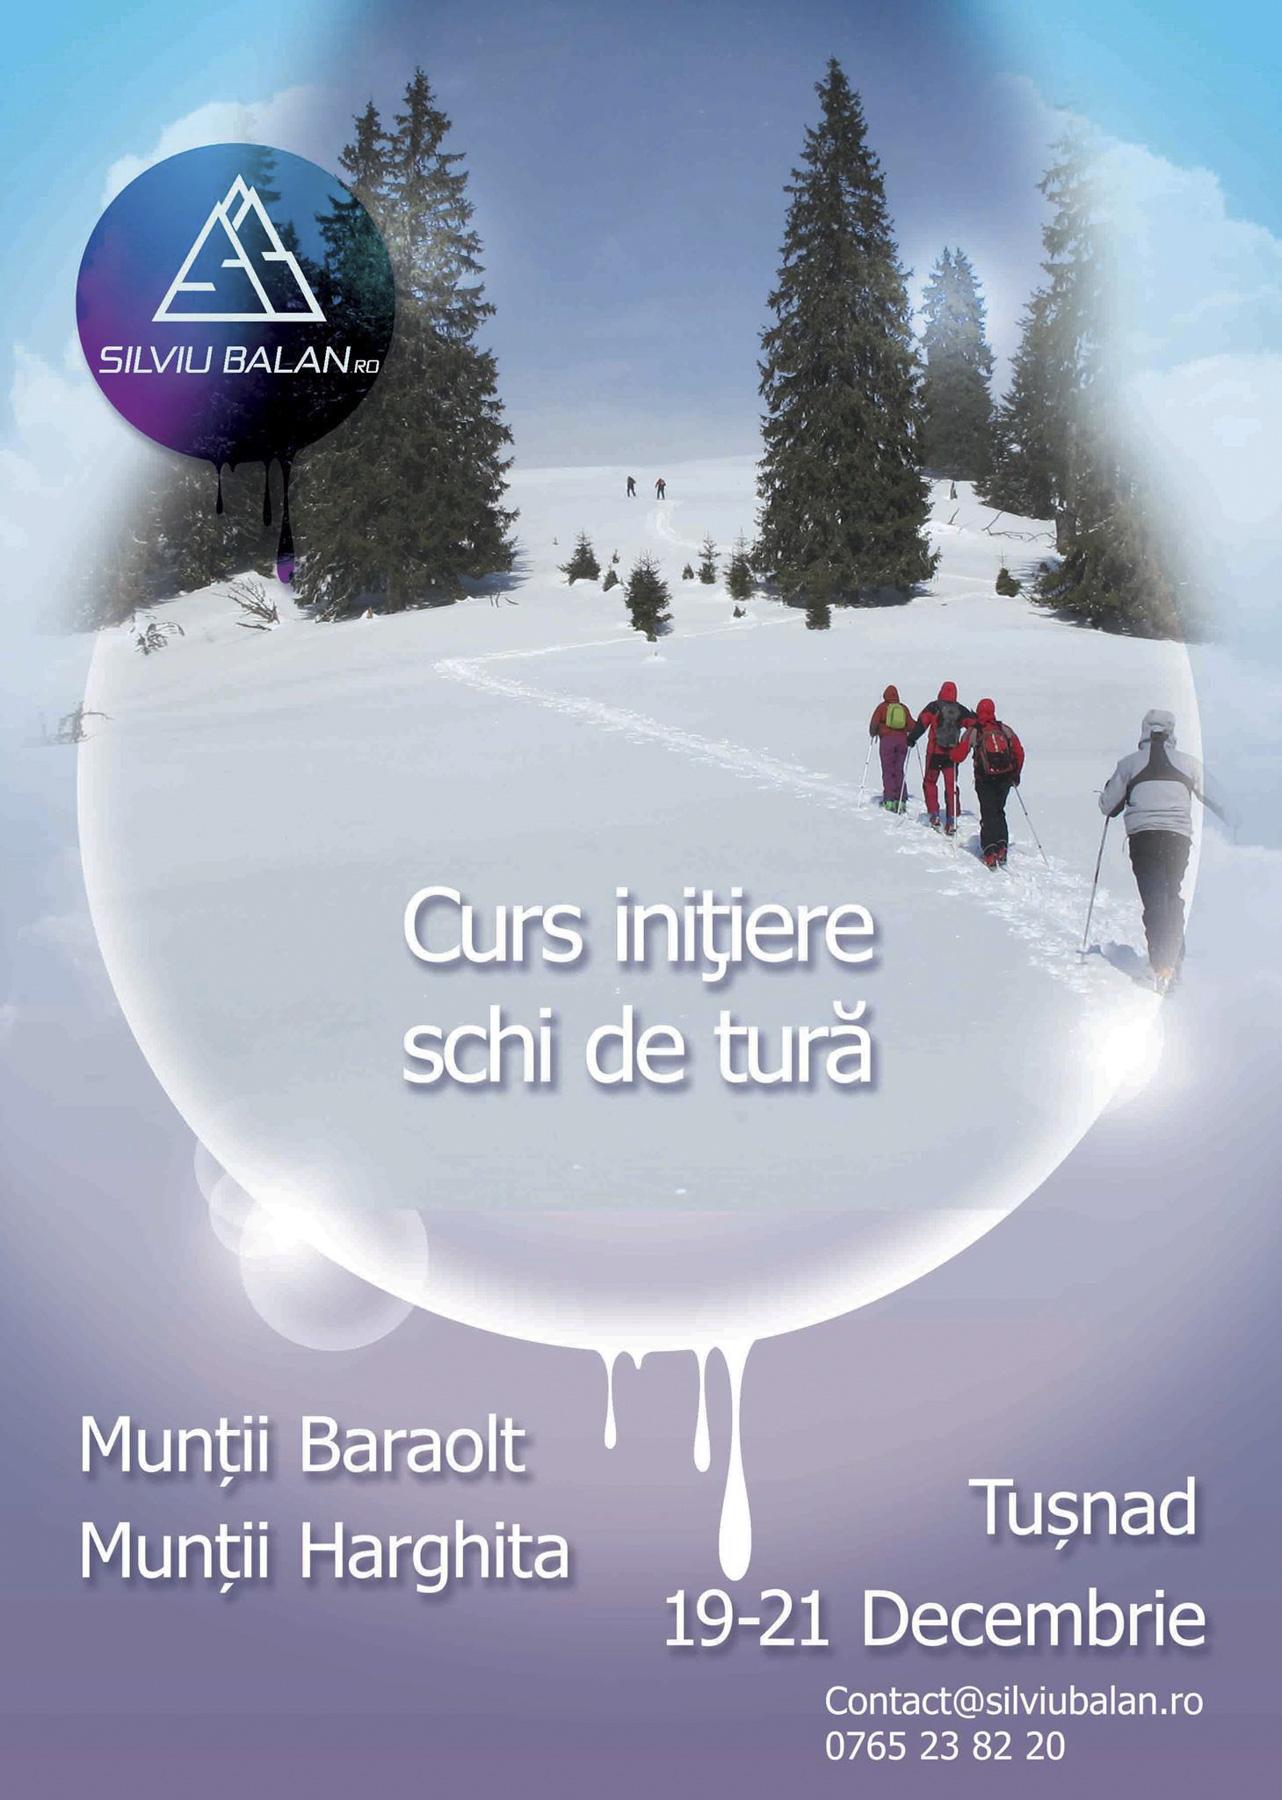 <ul><li>Curs Inițiere Schi de Tură Tușnad</li></ul>